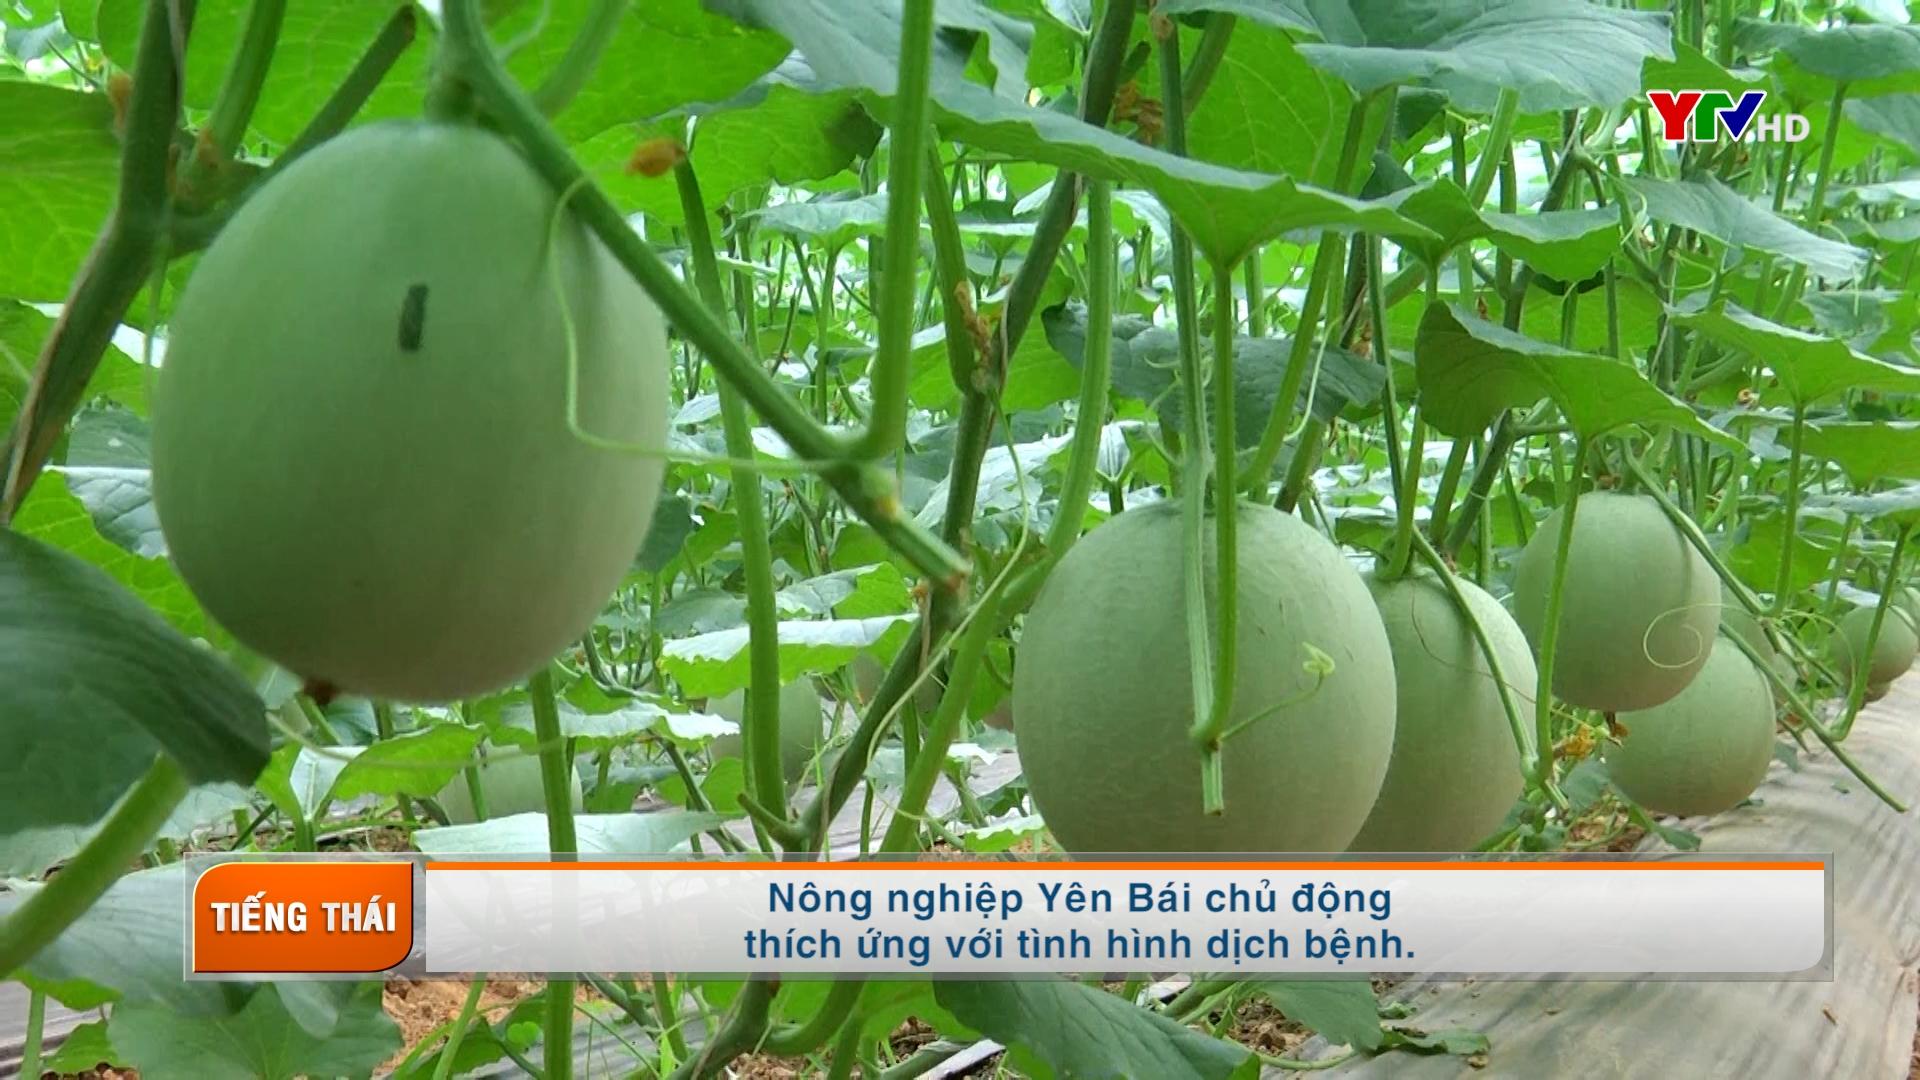 Tạp chí truyền hình tiếng Thái số 2 tháng 6 năm 2021